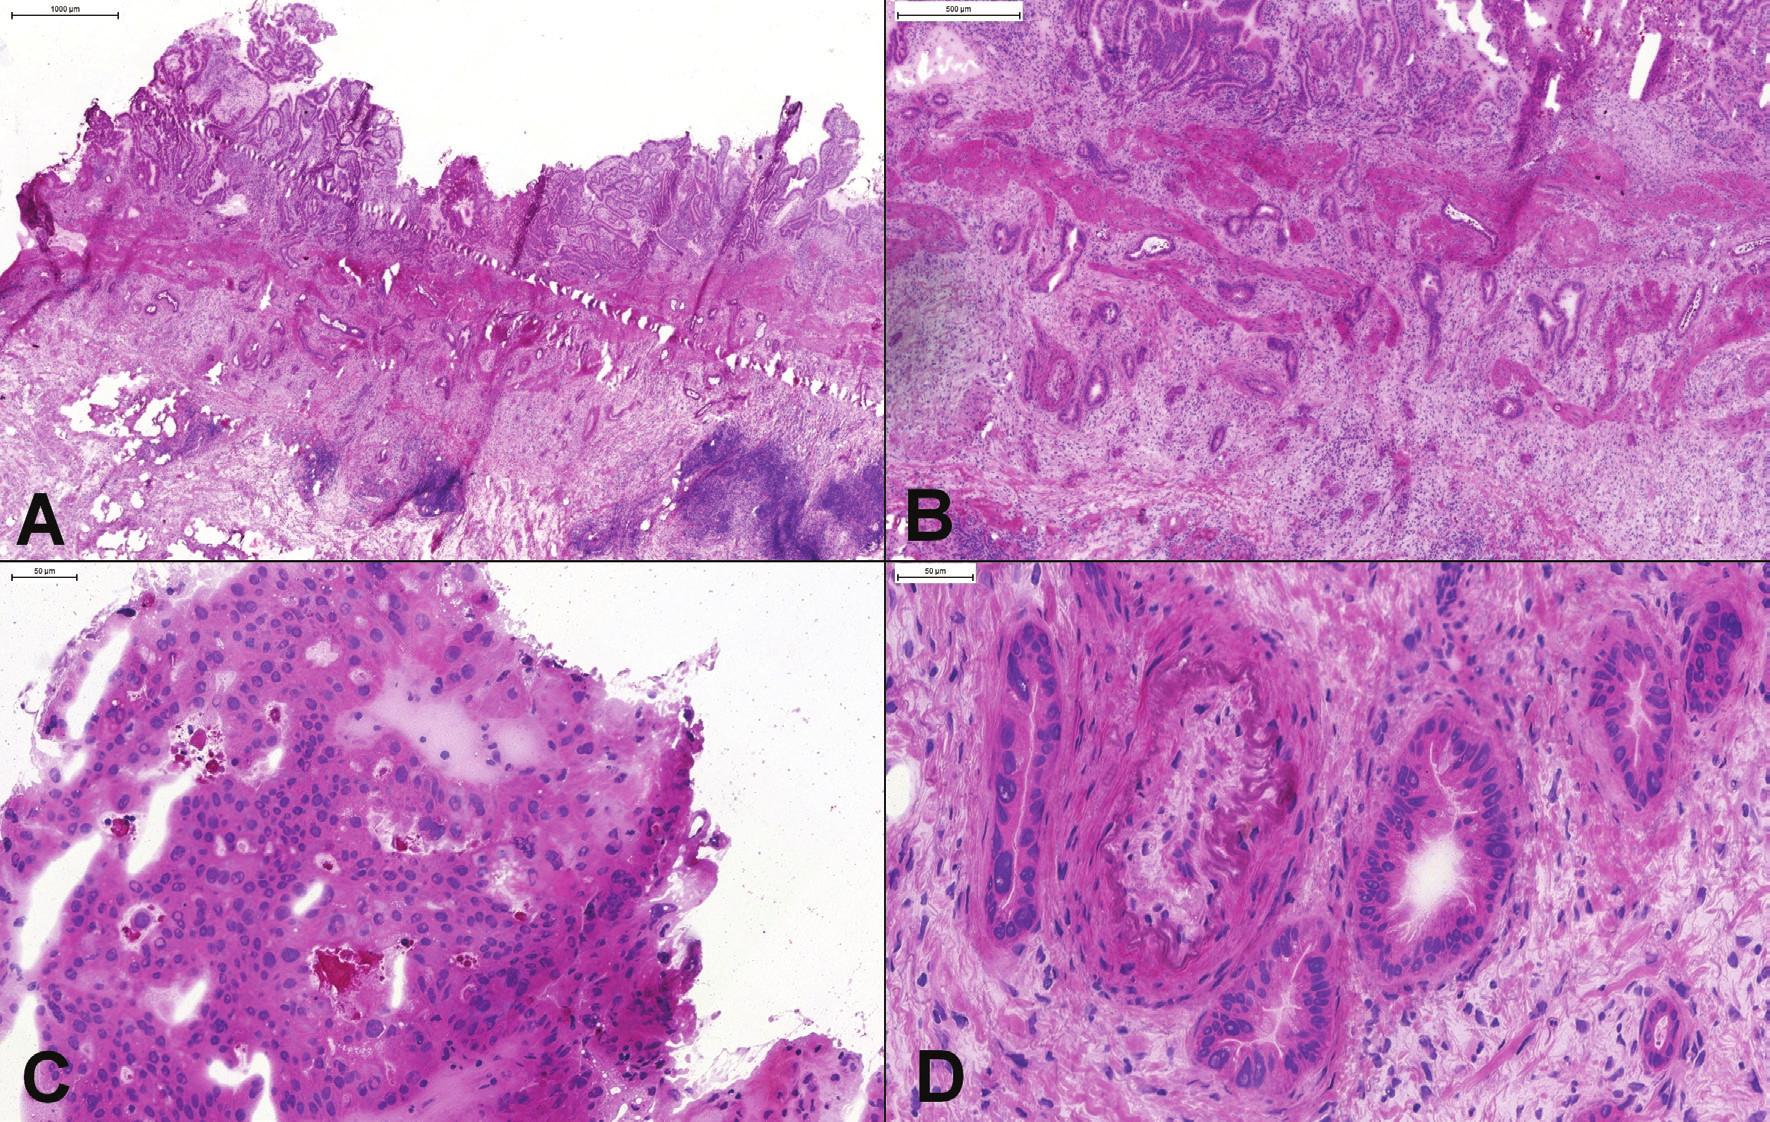 (A, B) Peroperačné vyšetrenie polypoidnej lézie žlčníka, ktorá bola zistená radiologickým vyšetrením pred odberom orgánov od žijúceho darcu. Okrem polypoidnej lézie boli vo svalovej vrstve prítomné náhodne rozmiestnené angulované žliazky, niektoré s horizontálnym priebehom. (C) V polypoidnej časti boli jednoznačne prítomné high-grade dysplatické zmeny (BilIN-3). (D) Atypické žlazky v tesnej blízkosti muskulárnej artérie. Diagnóza dobre diferencovaného adenokarcinómu bola potvrdená aj definitívnym vyšetrením. Odber orgánov bol zrušený.